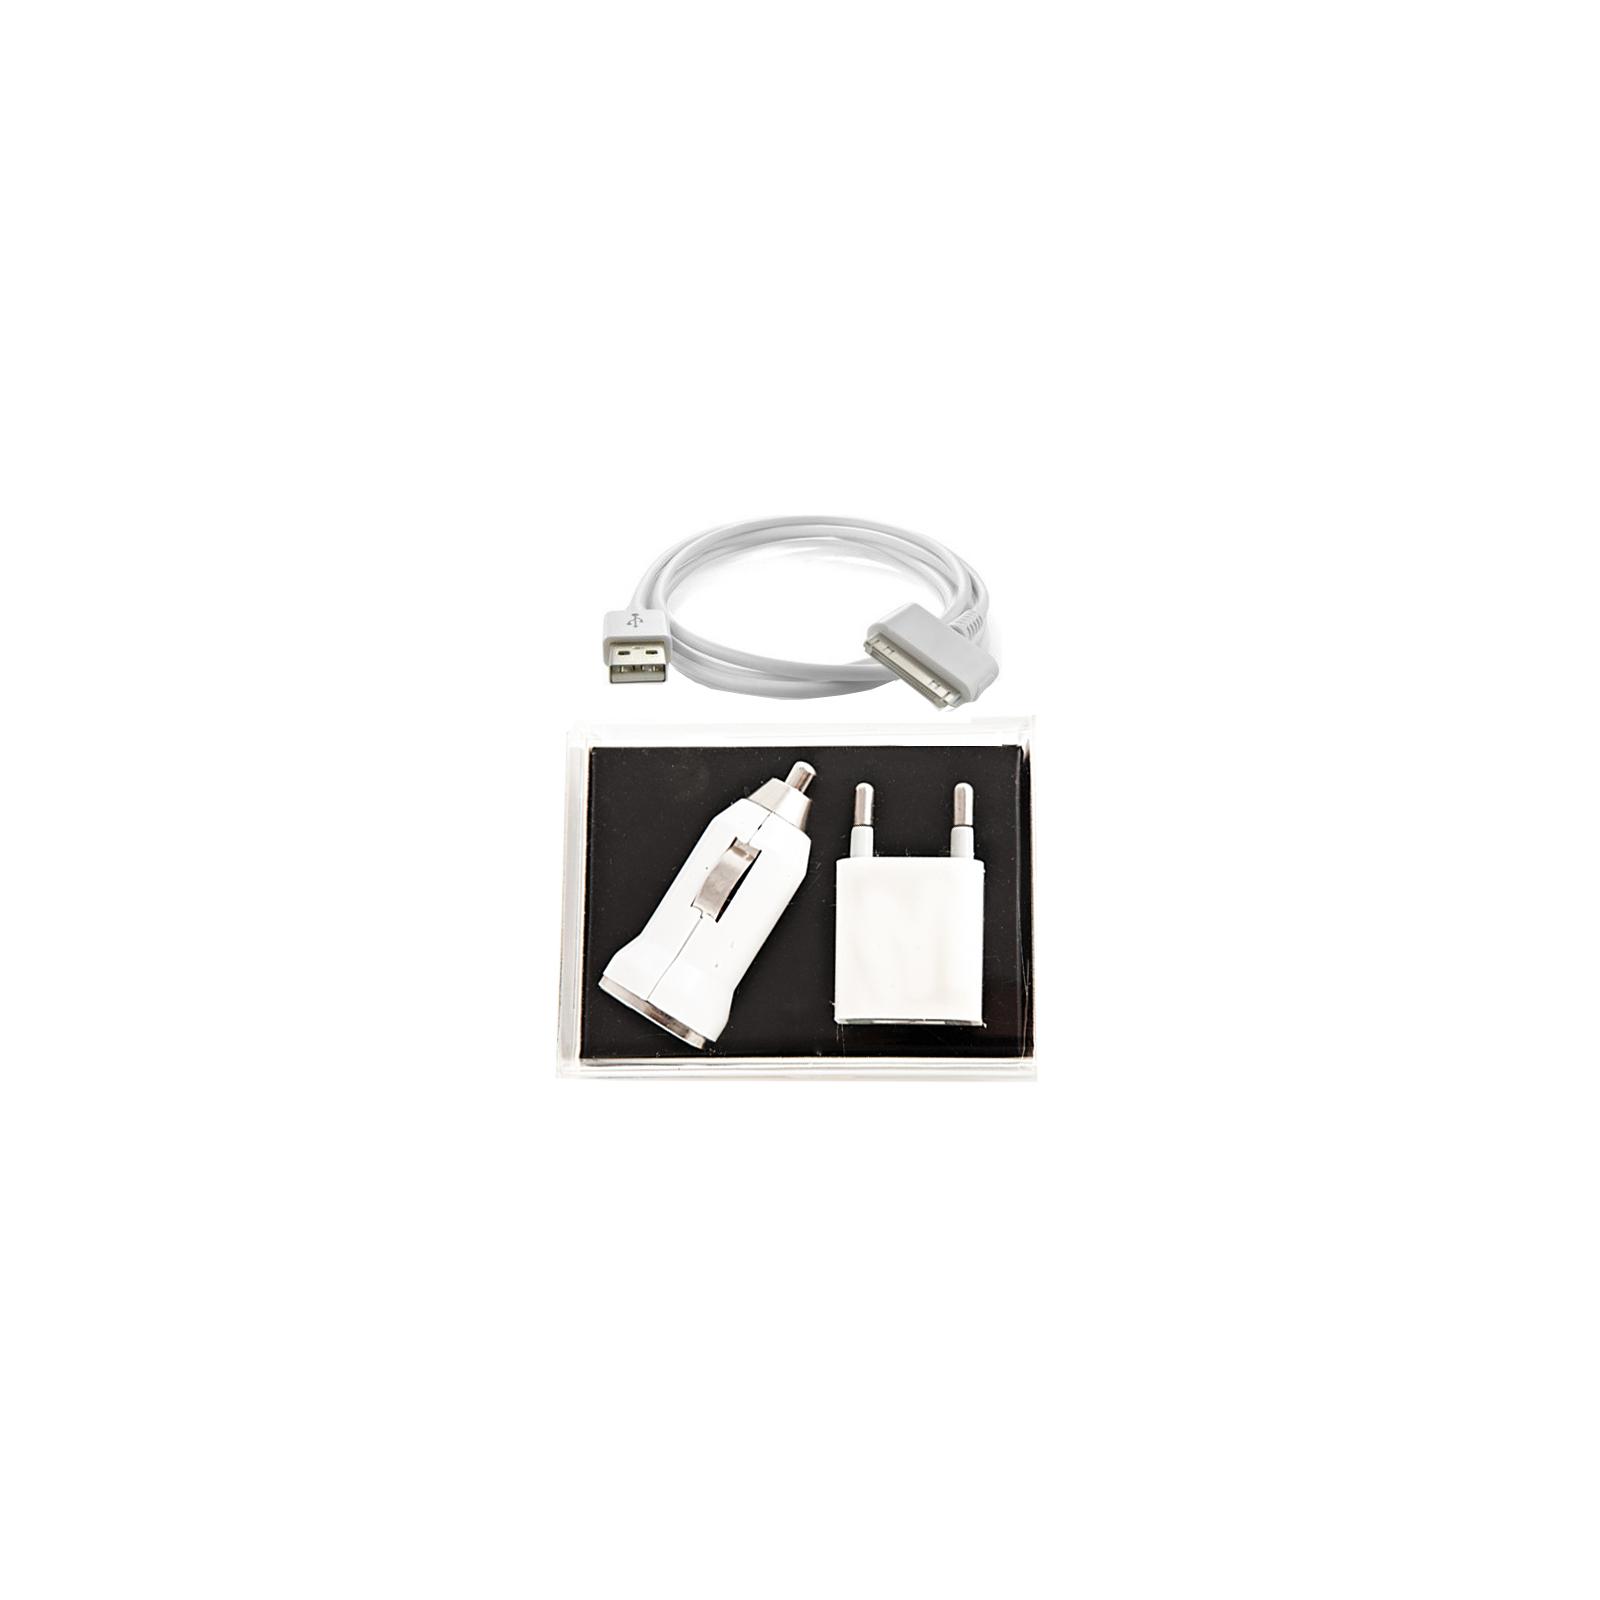 Зарядное устройство EasyLink (3 в 1) +кабель Dock (EL-189 W)